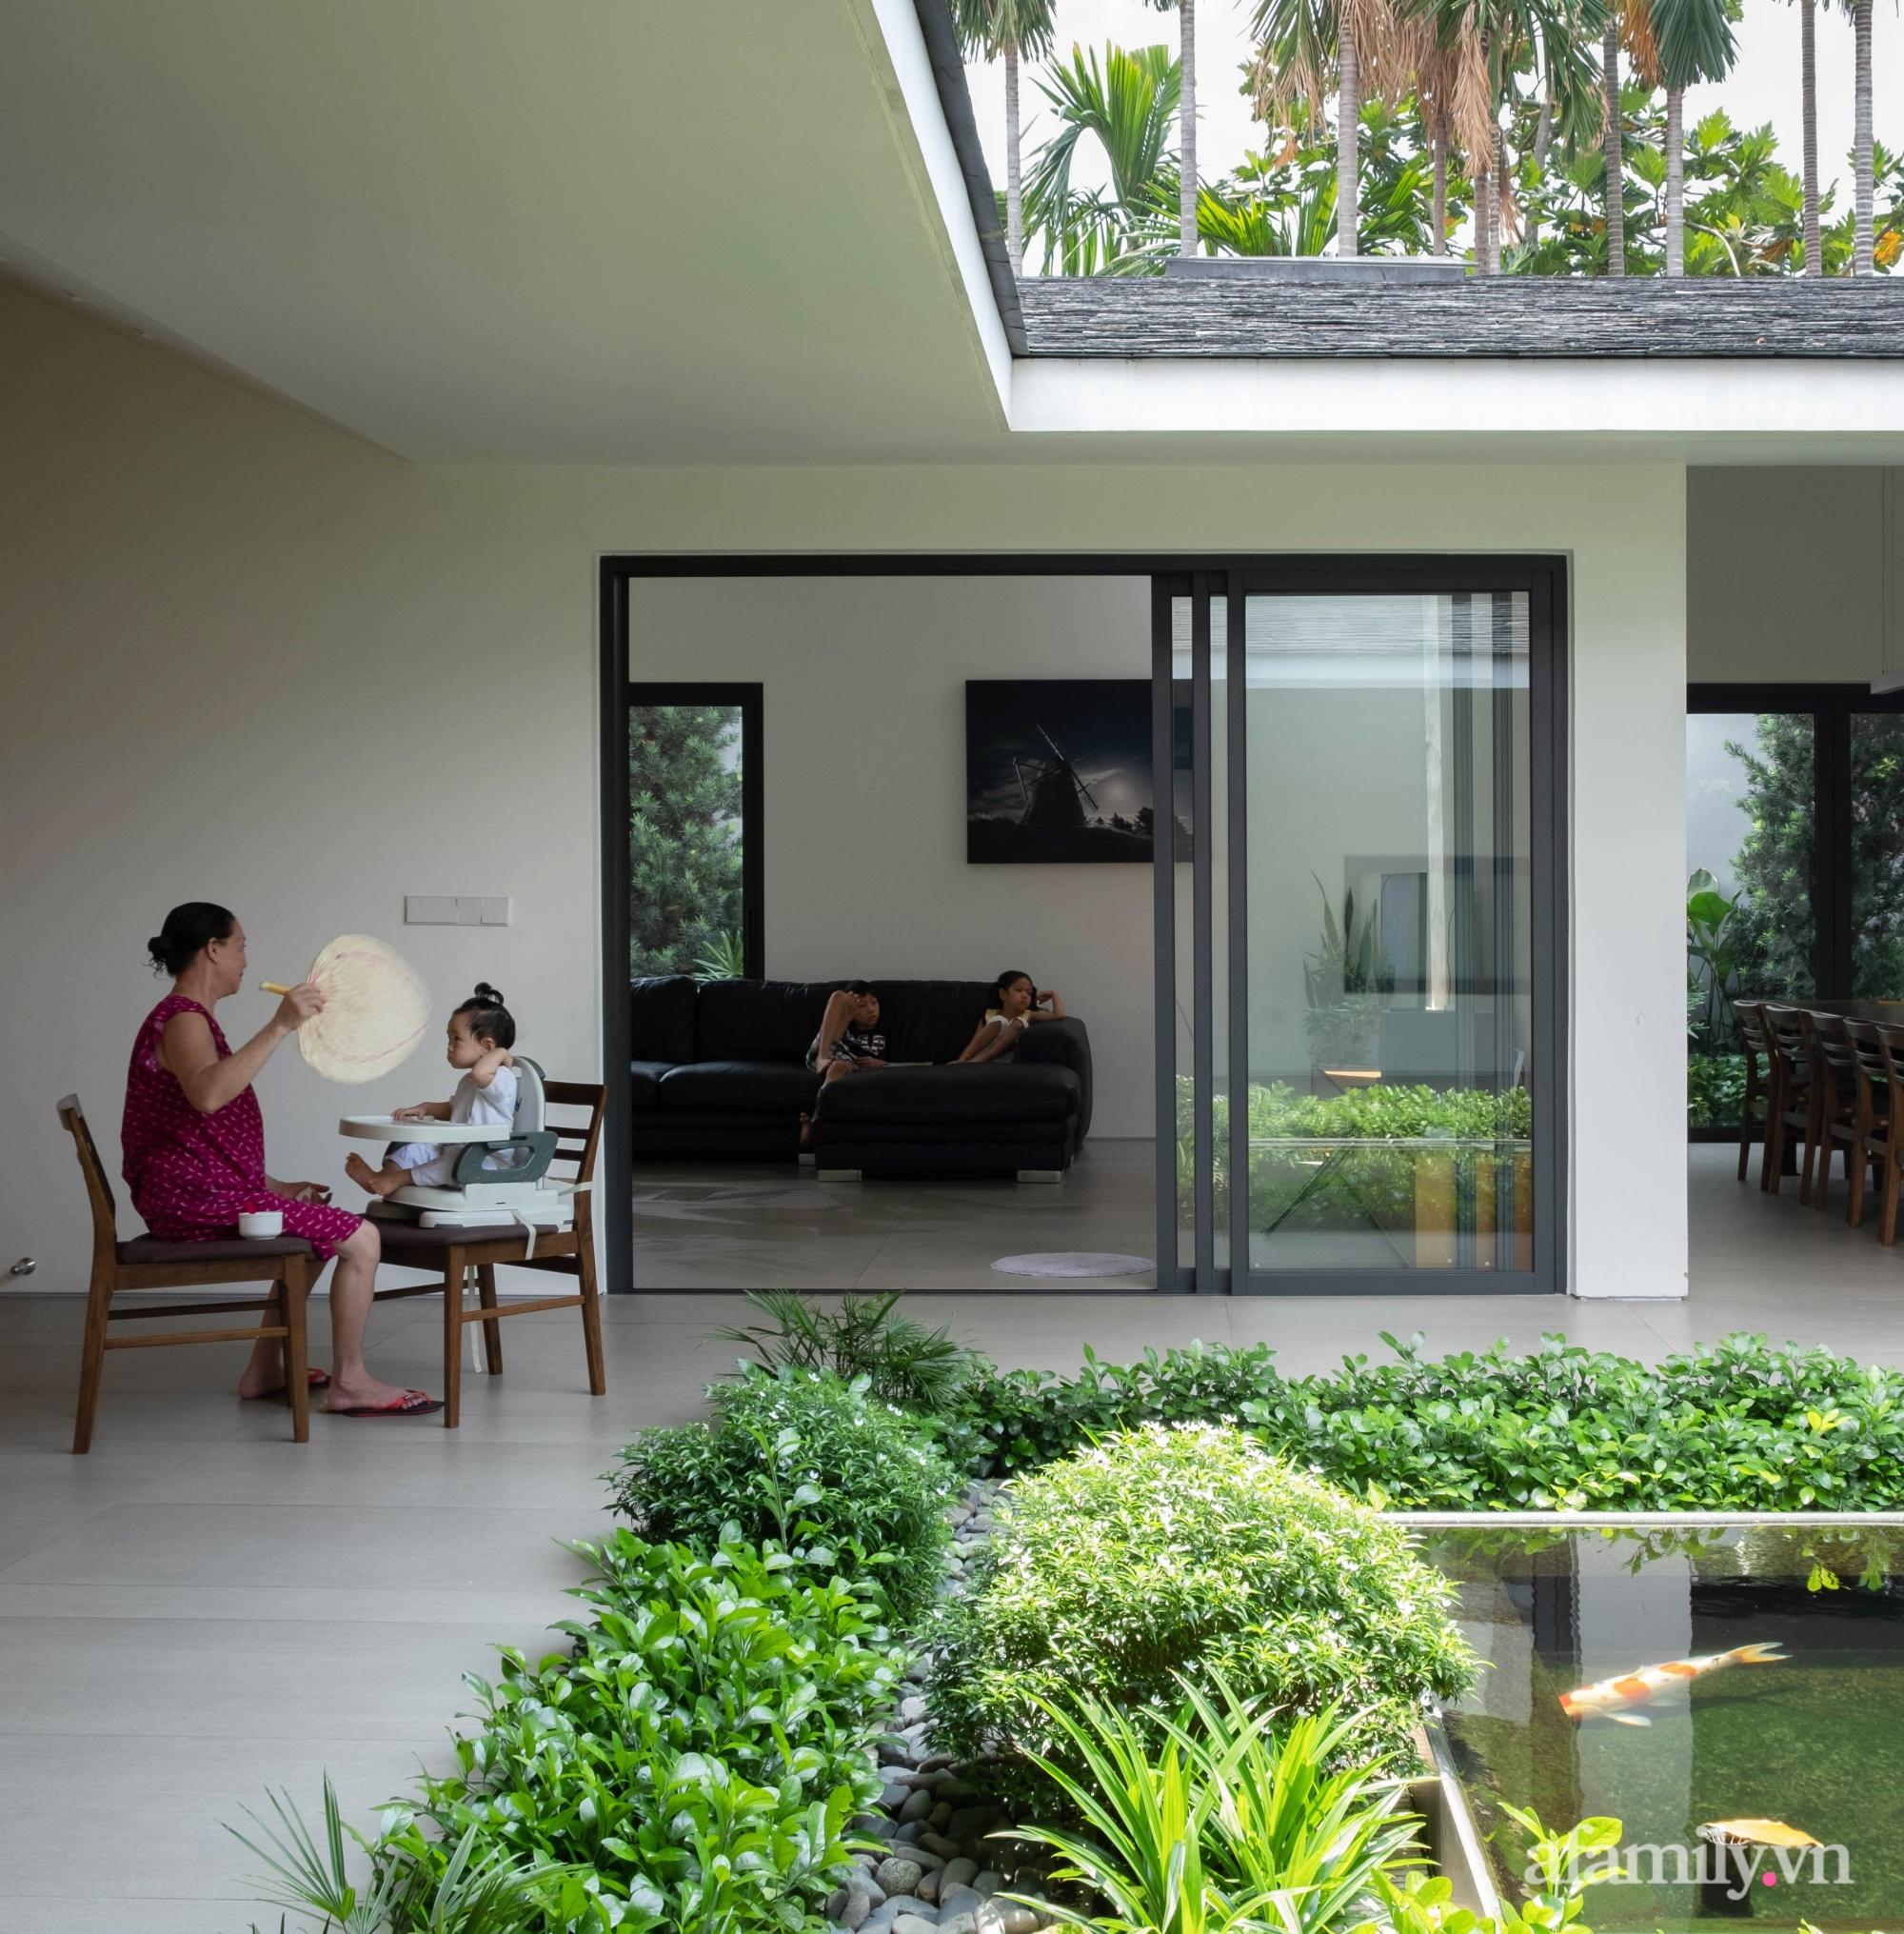 Ngôi nhà rợp mát bóng cây ở ngoại ô Sài Gòn tạo sự gắn kết cho gia đình 3 thế hệ - Ảnh 8.